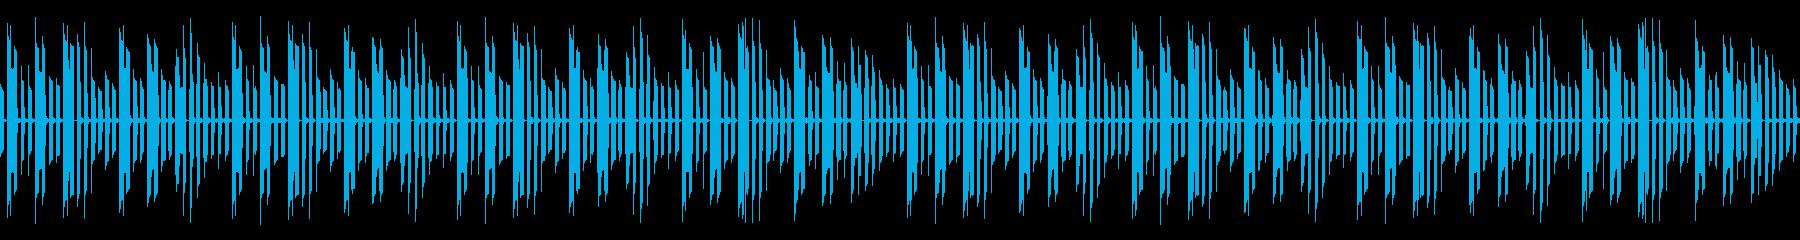 【ループ】ファミコン・ほのぼの・かわいいの再生済みの波形